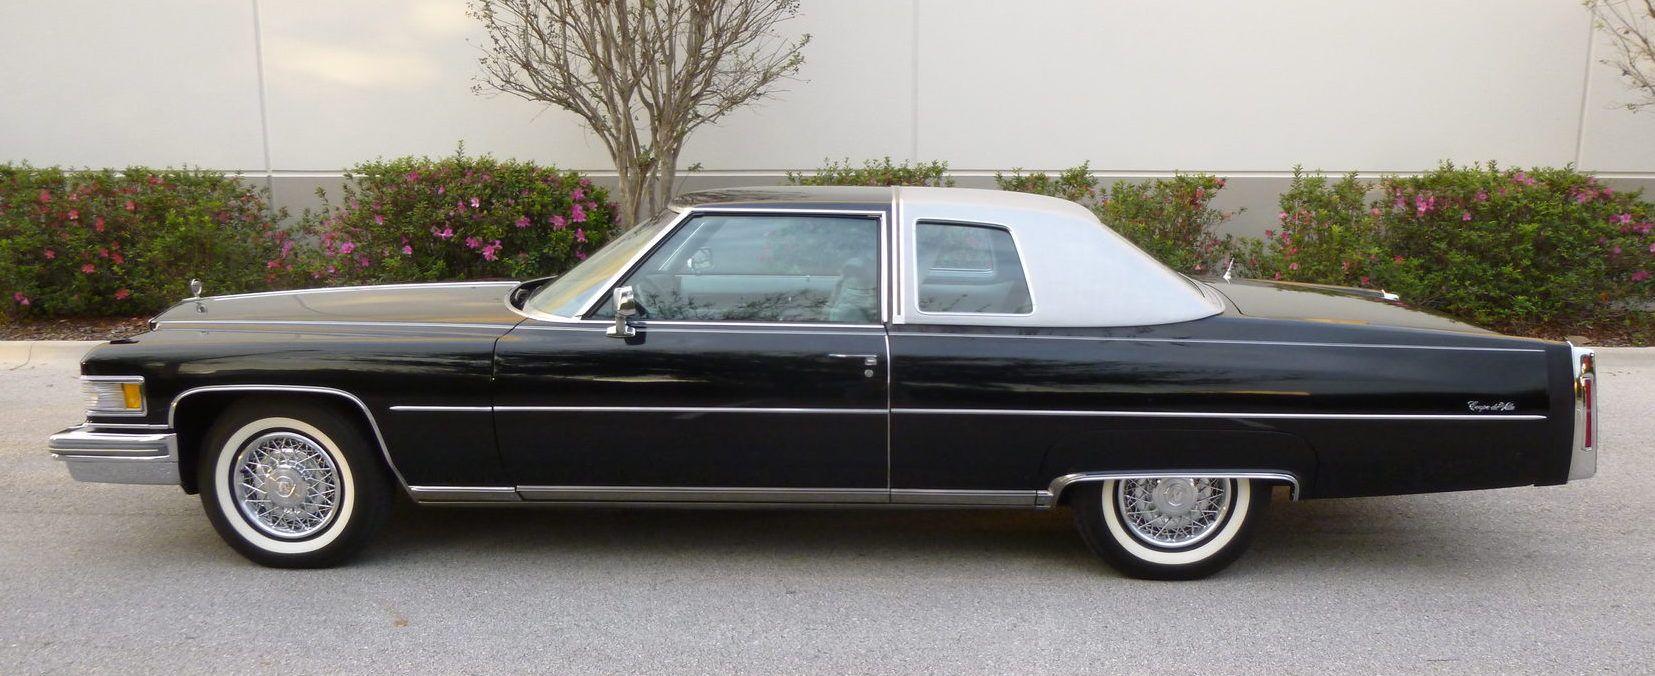 Pin On 1974 76 Cadillac Calais Deville